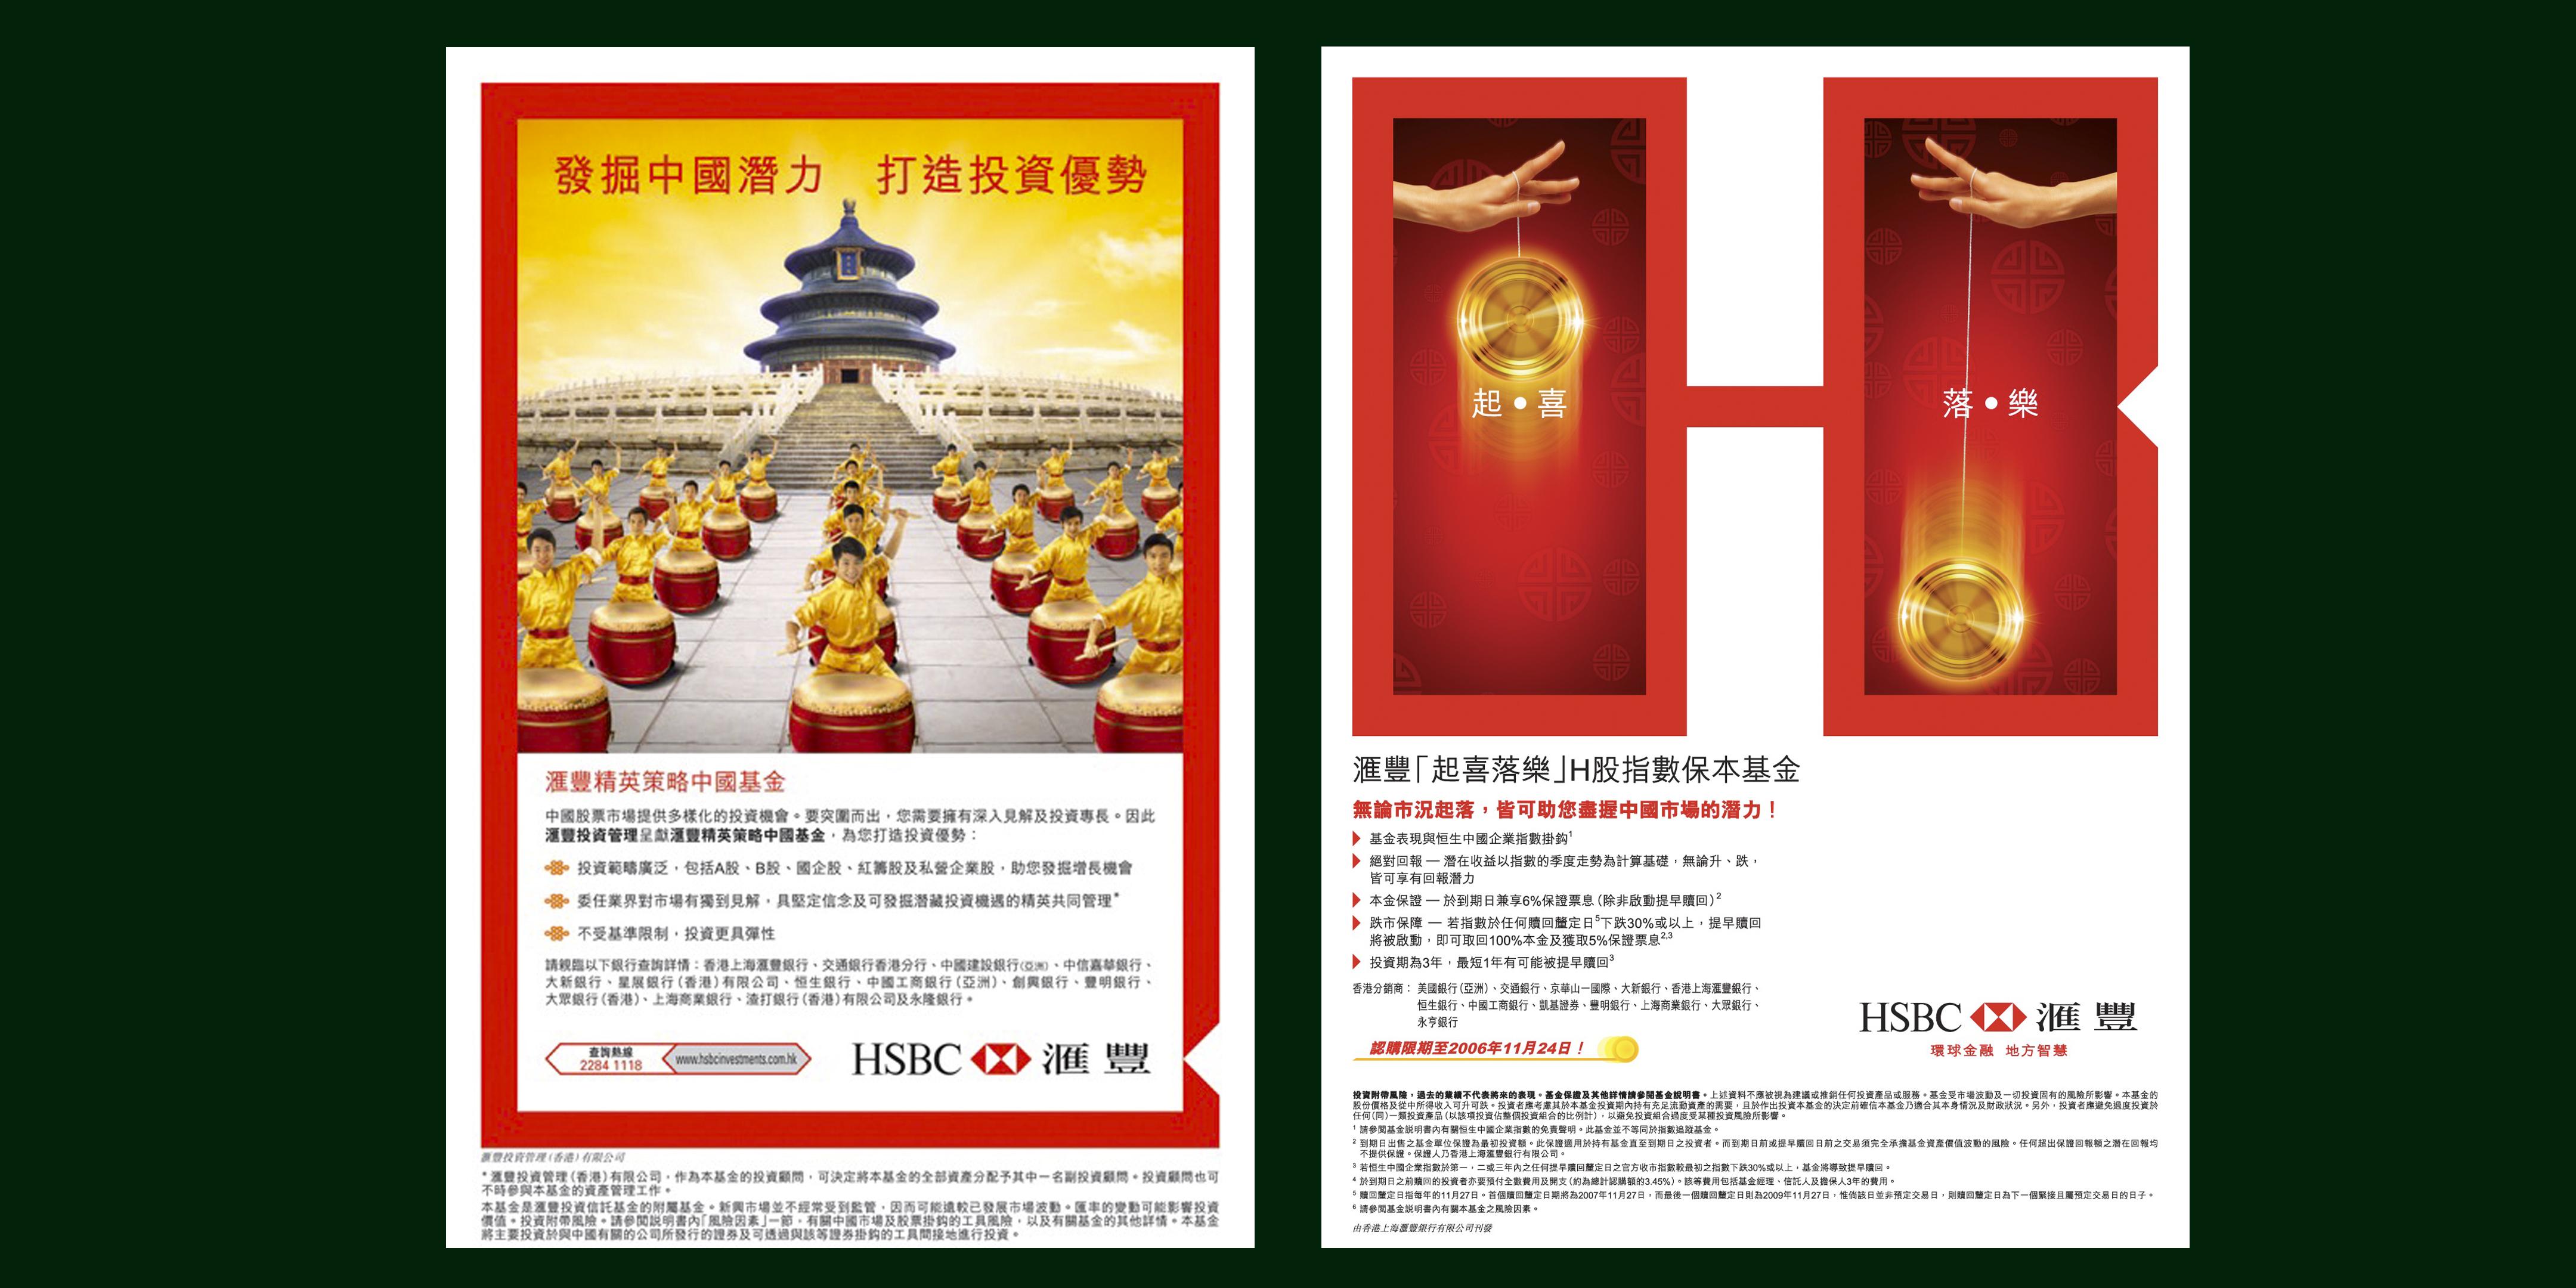 HSBC Hong Kong_Invest